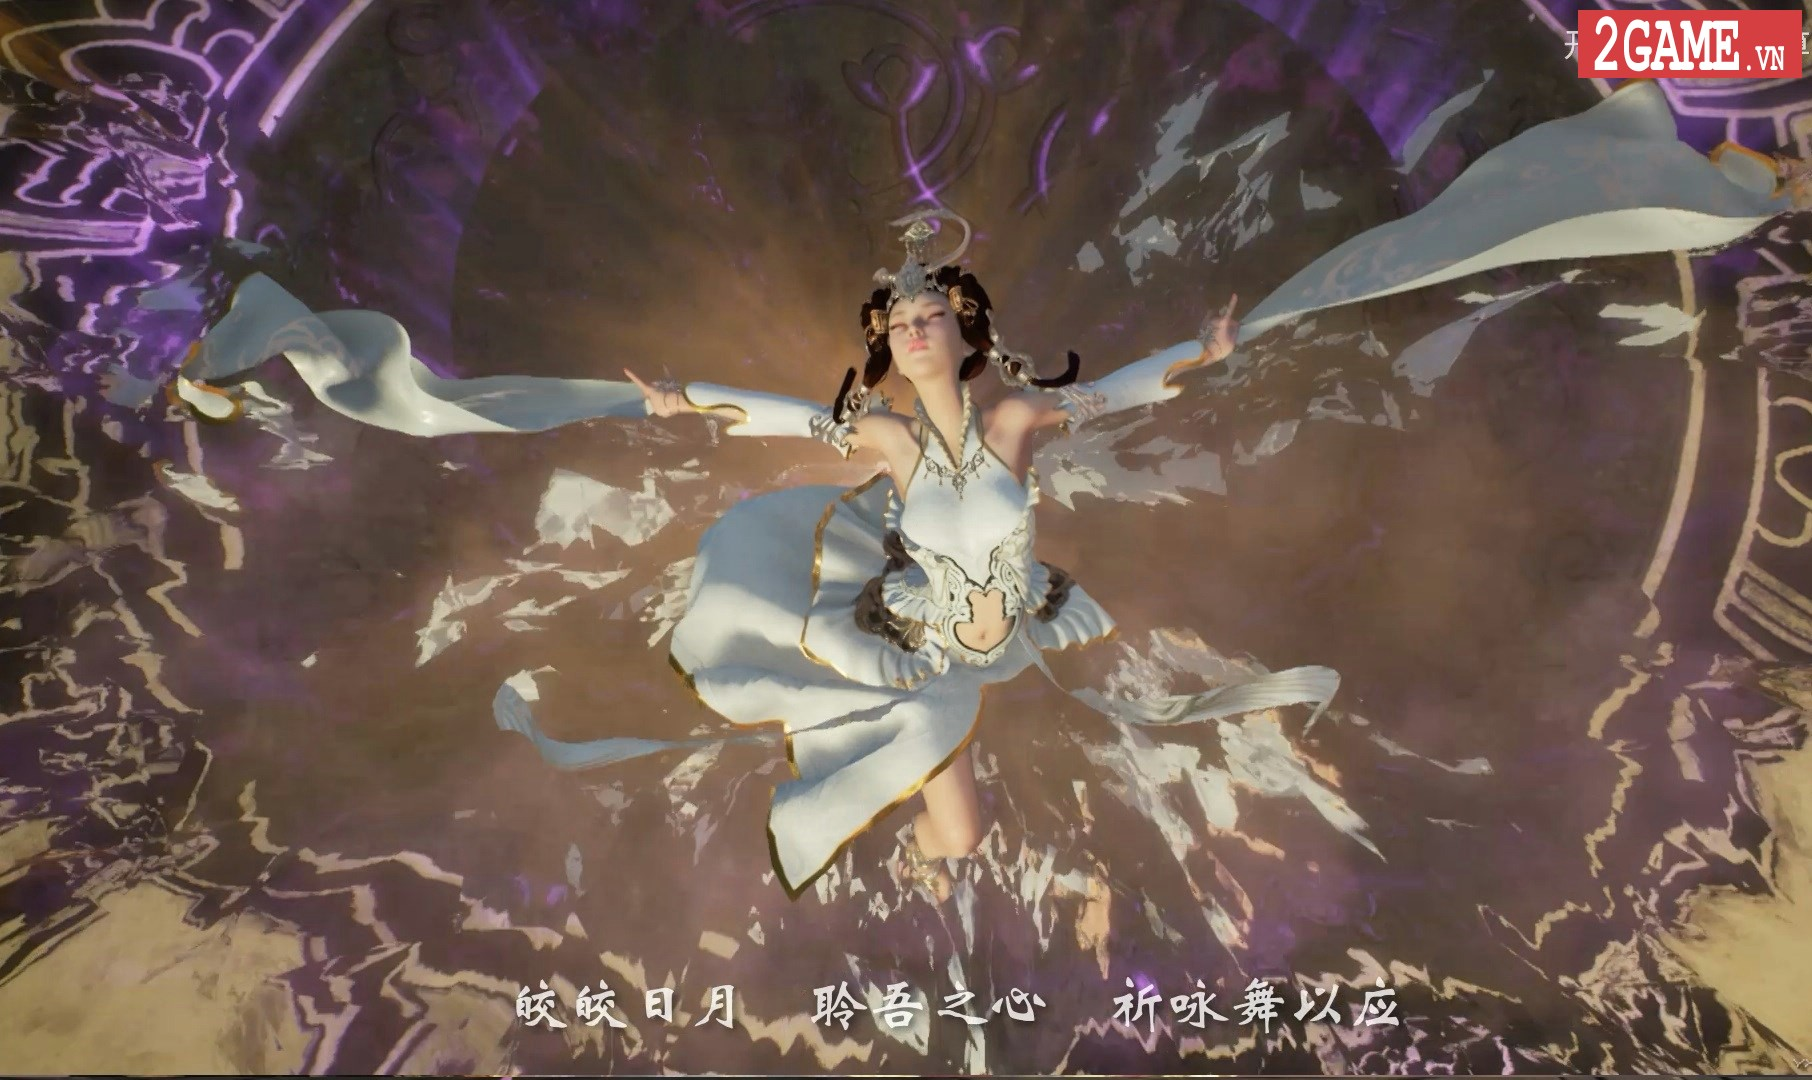 Thần Vũ Huyễn Tưởng -  Siêu phẩm sở hữu đồ họa cực khủng lộ diện những hình ảnh mới nhất 6